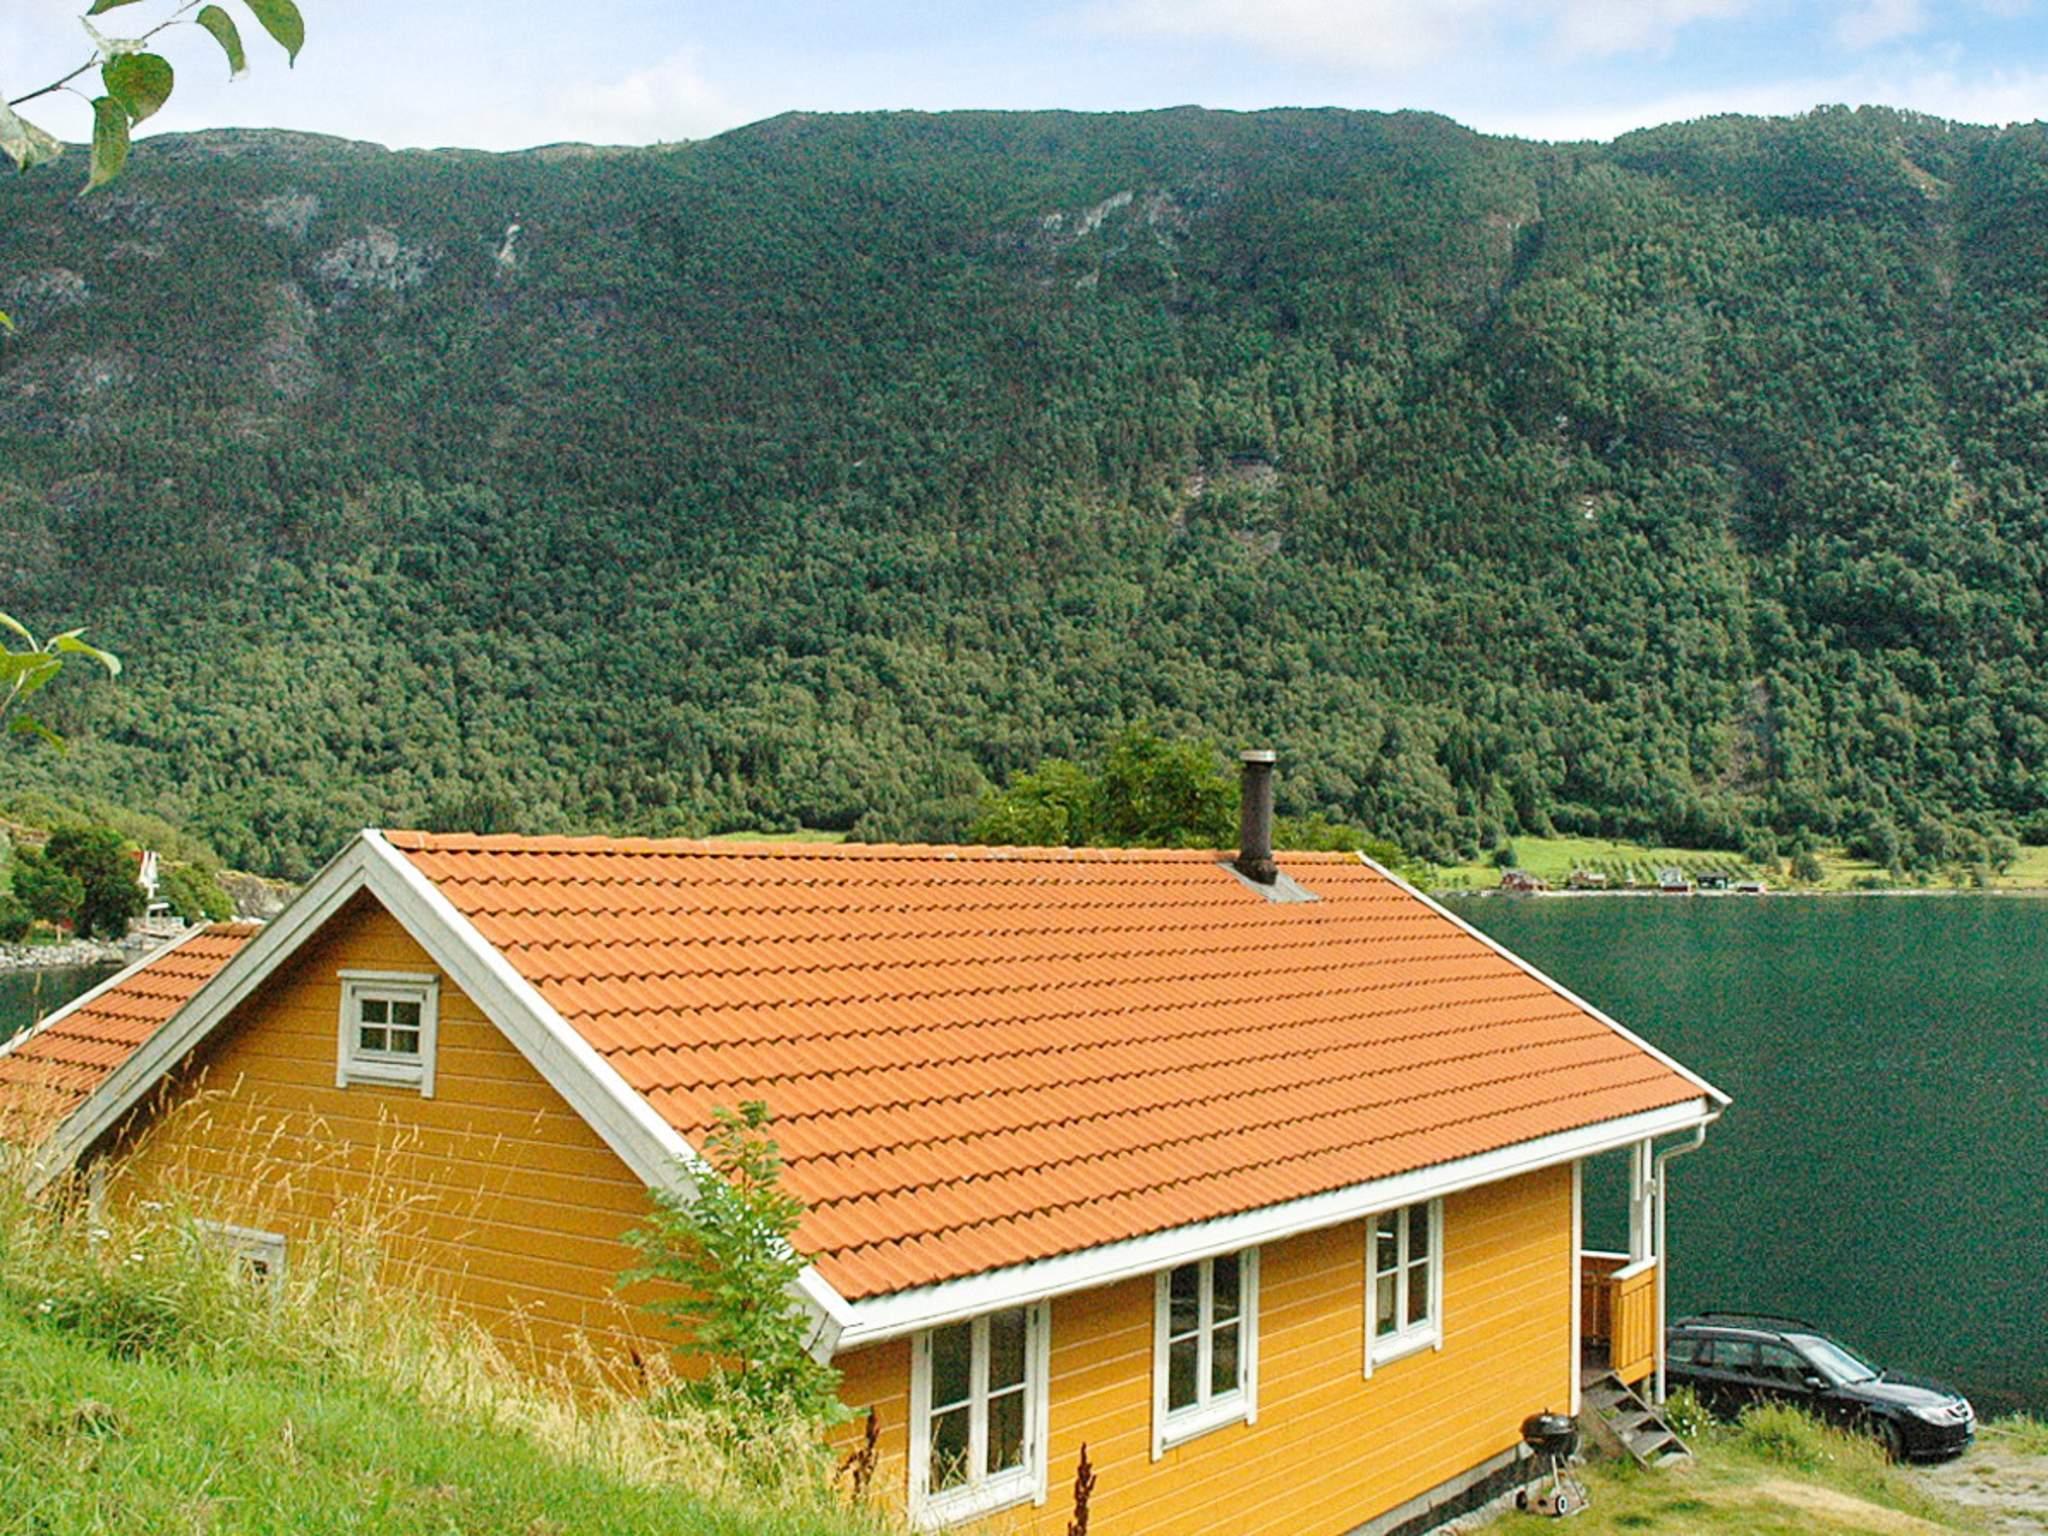 Ferienhaus Slinde (82397), Slinde, Sognefjord - Nordfjord, Westnorwegen, Norwegen, Bild 19